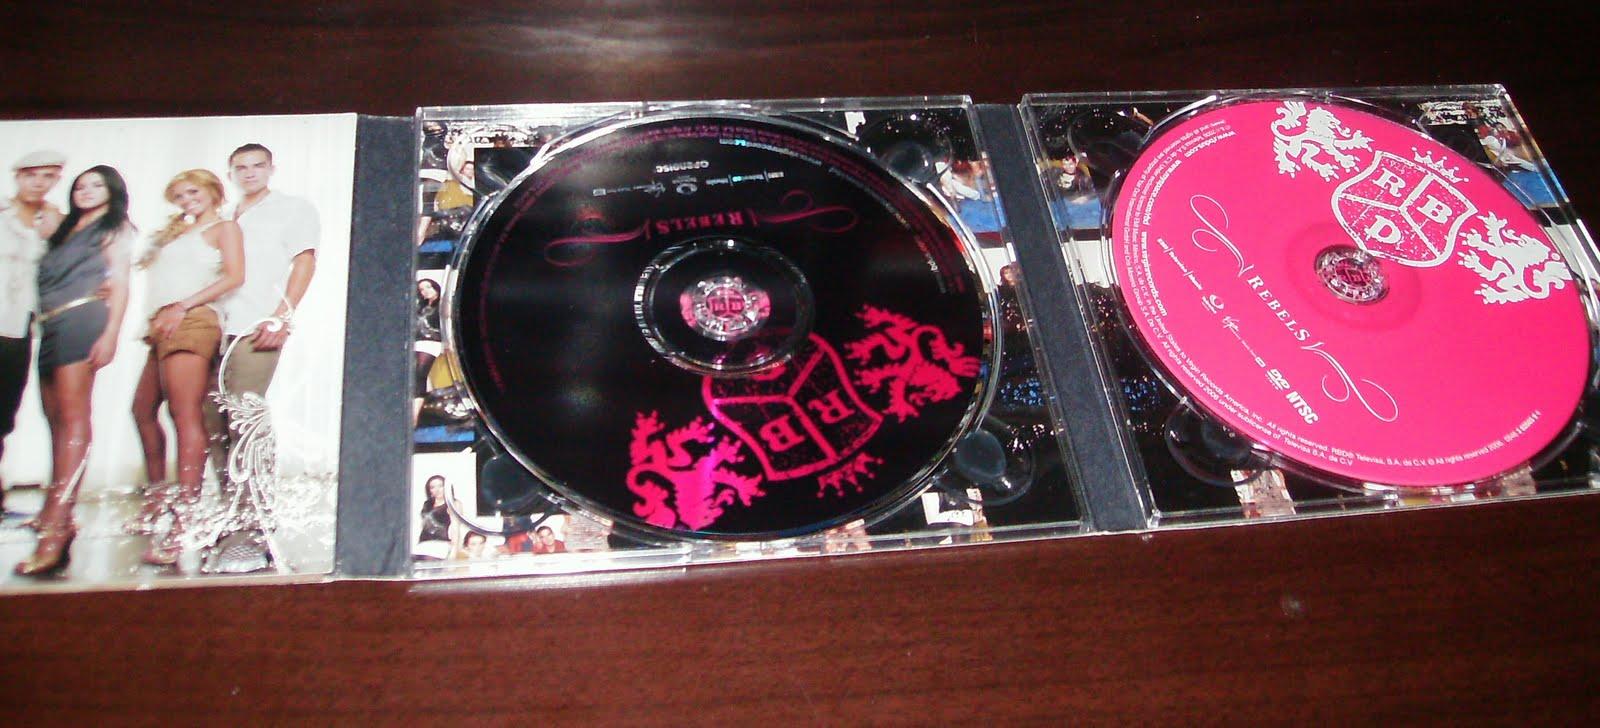 cd rbd rebels